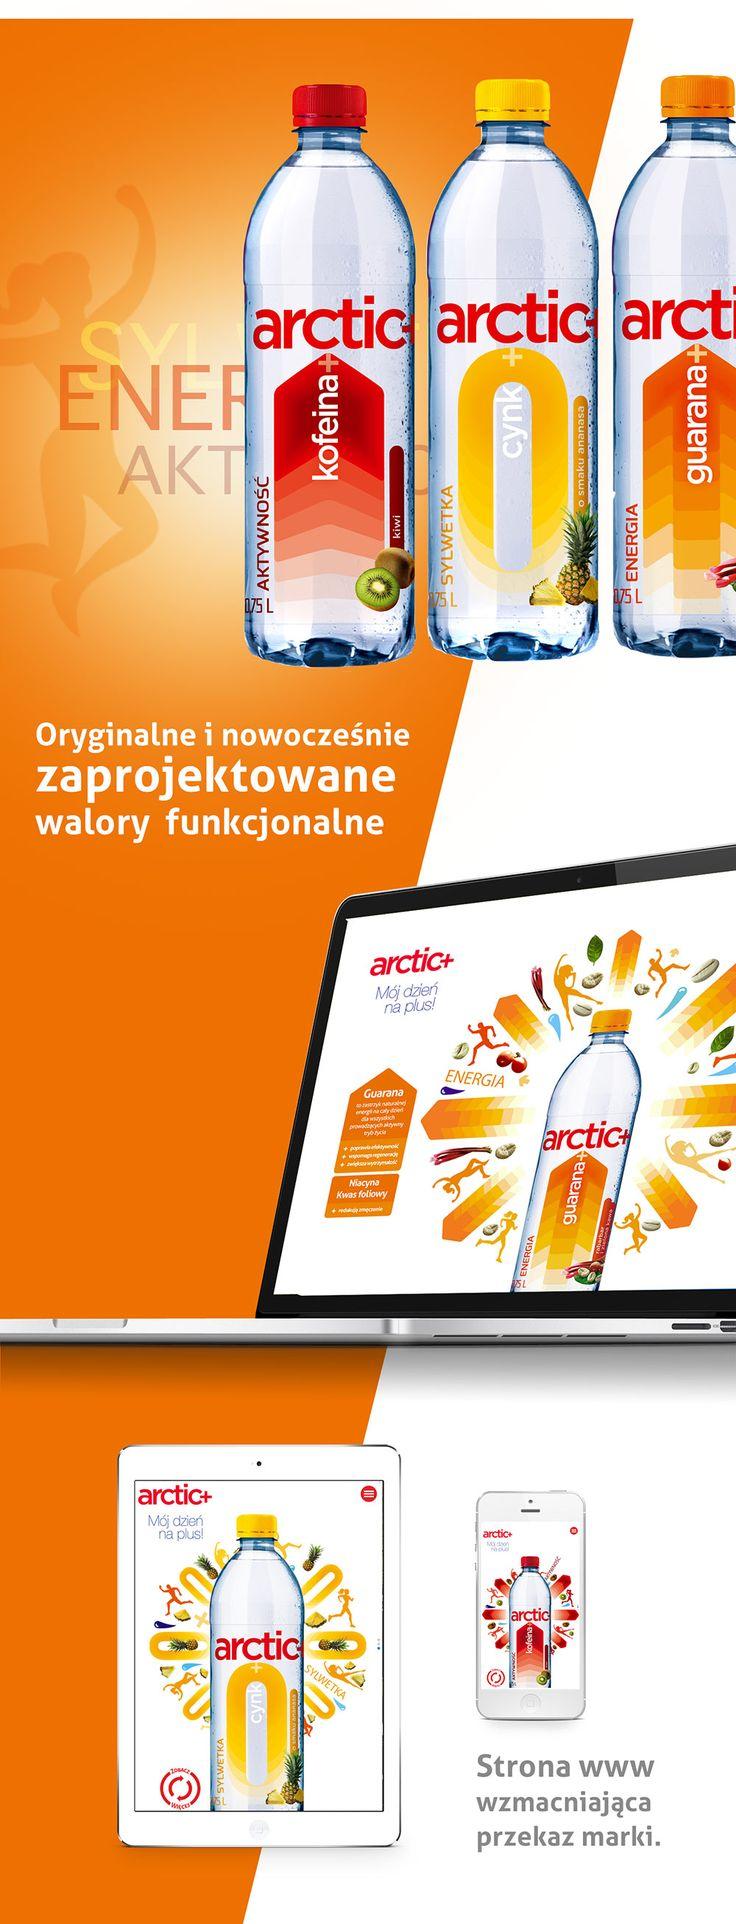 ARCTIC+ Wody funkcjonalne | PND Futura | Agencja brandingowa, Projektowanie opakowań, Food Photography